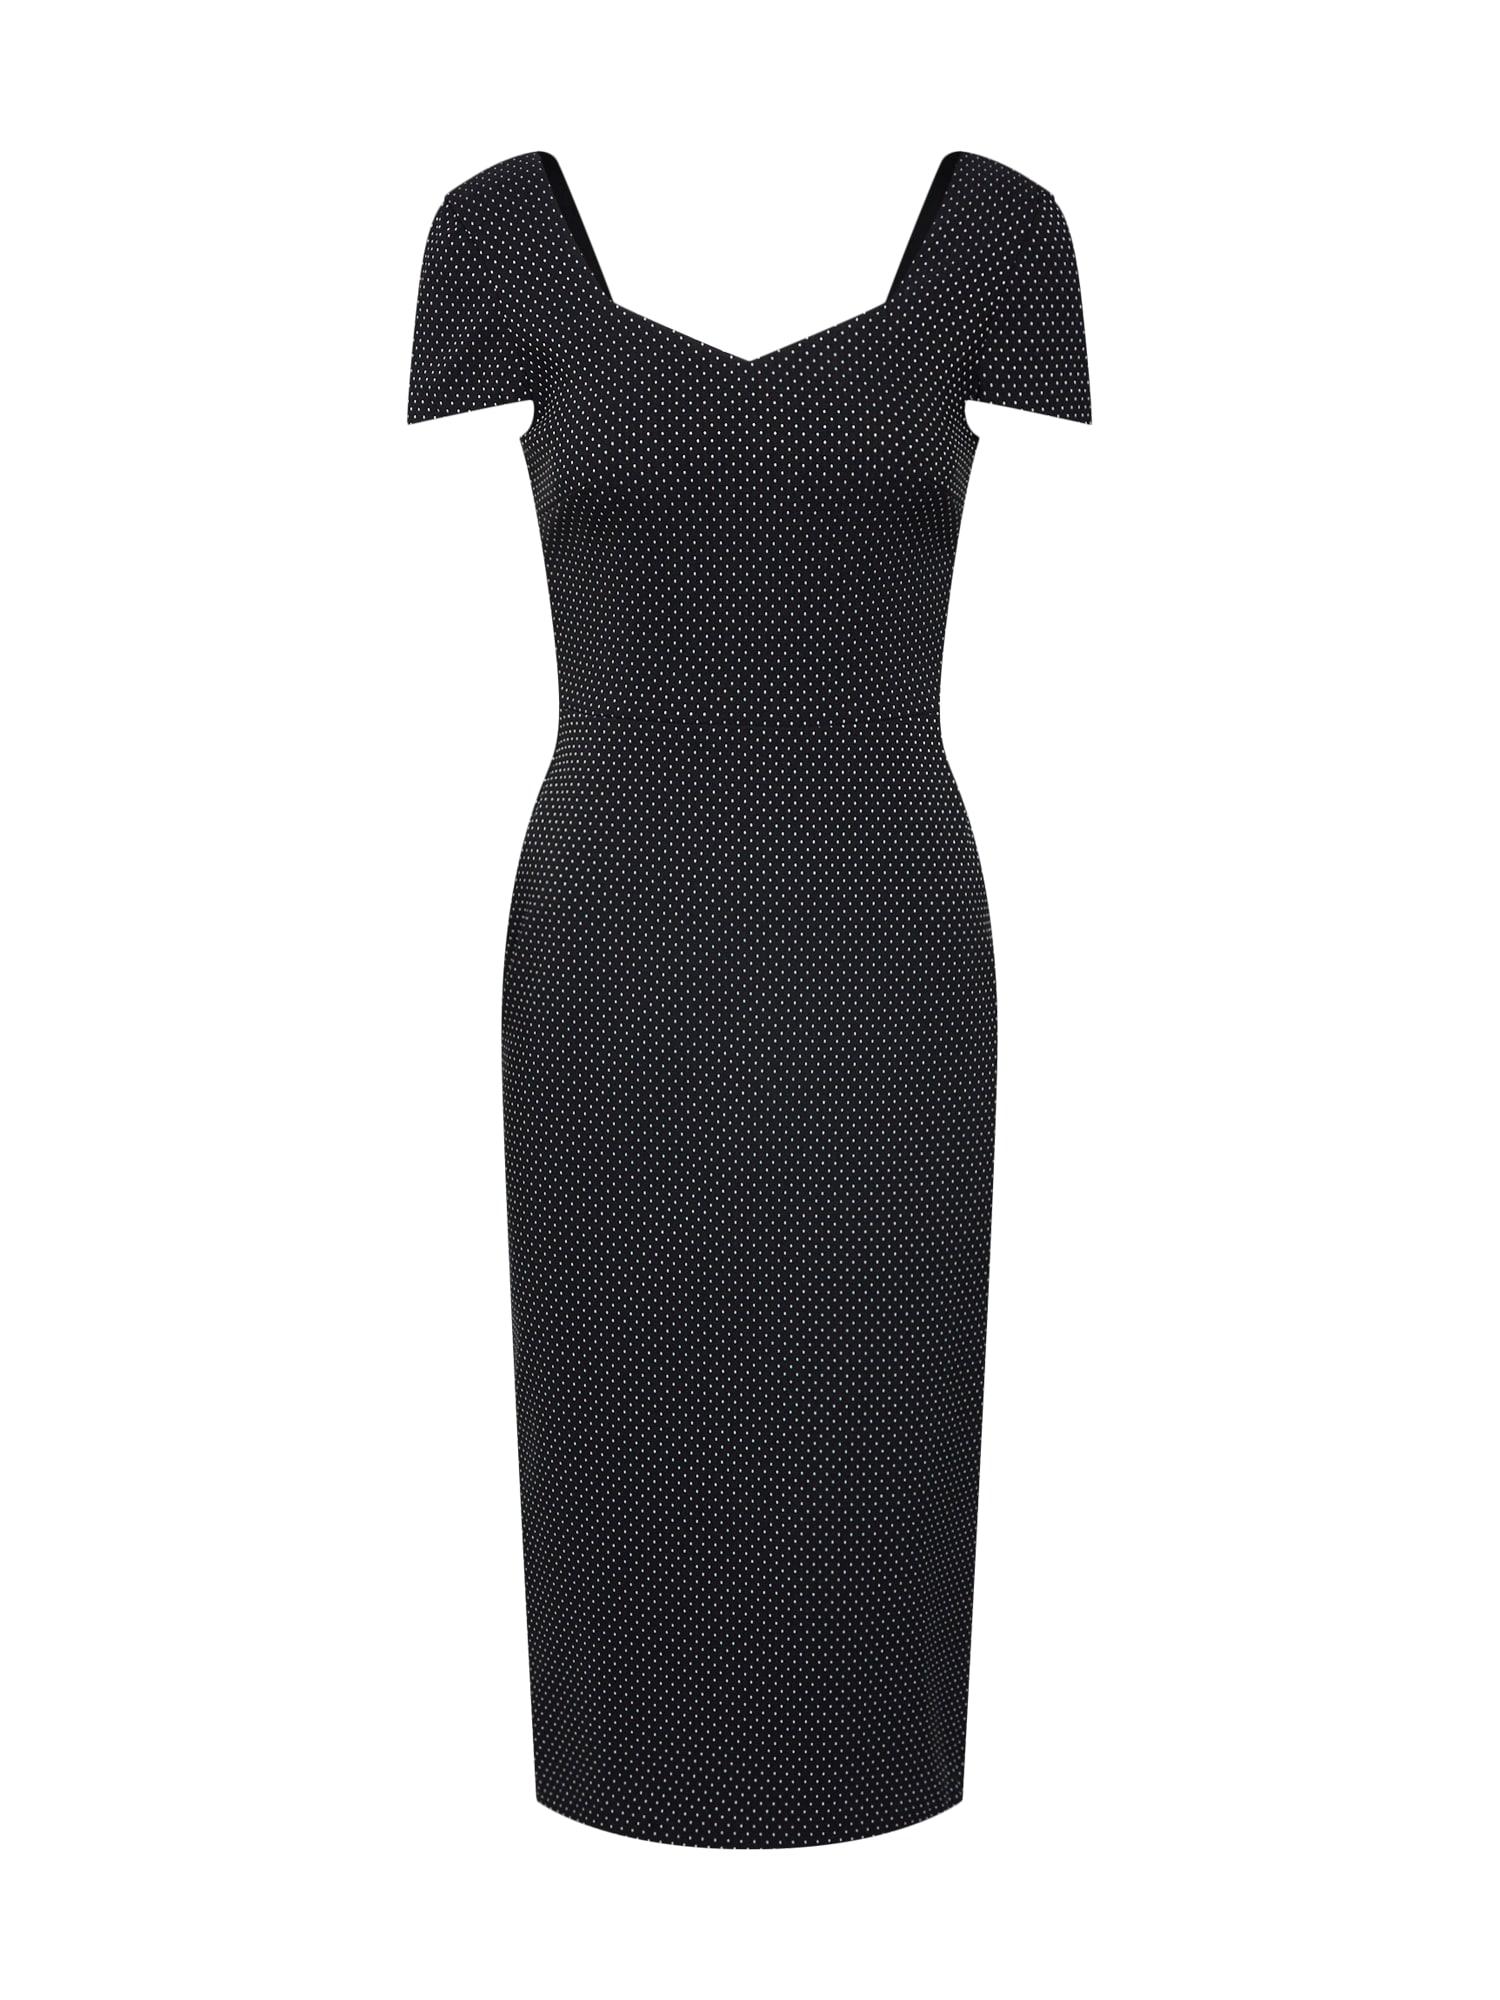 Pouzdrové šaty BENGA černá bílá Dorothy Perkins